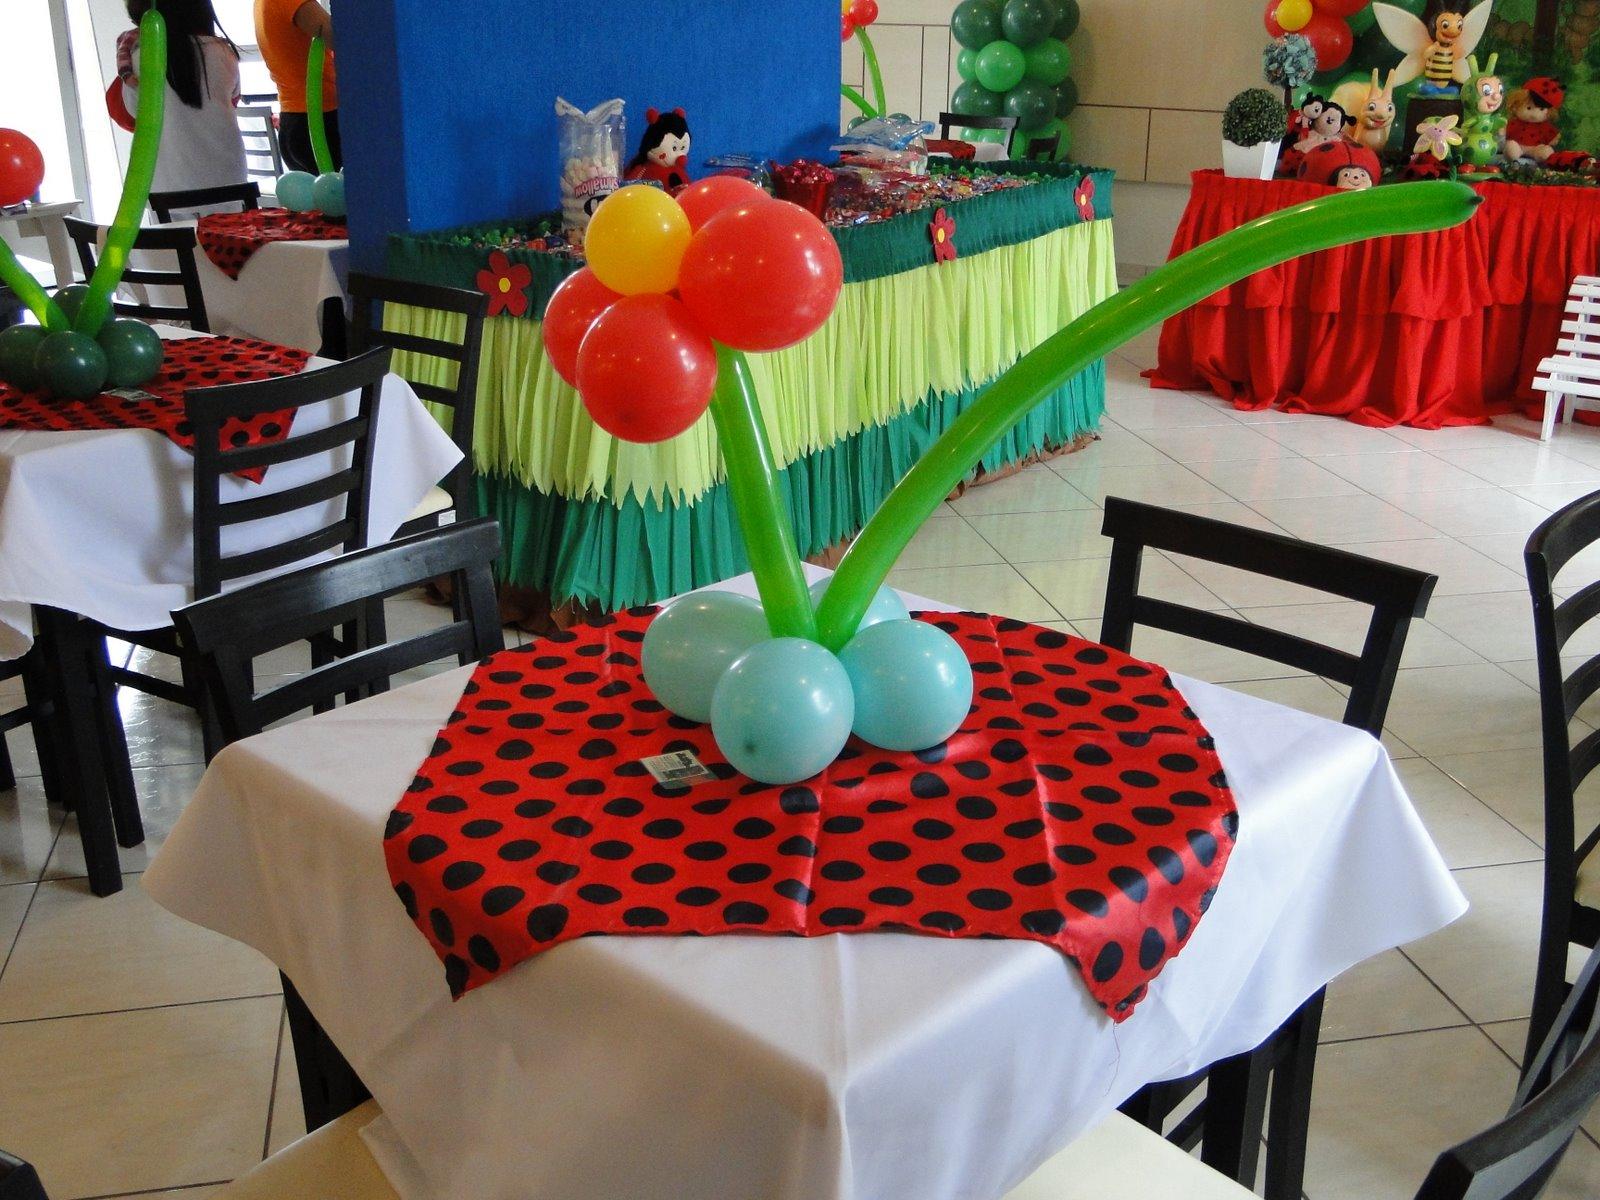 decoracao de festa infantil jardim das joaninhas:Decoração de mesa: toalha + enfeite de mesa